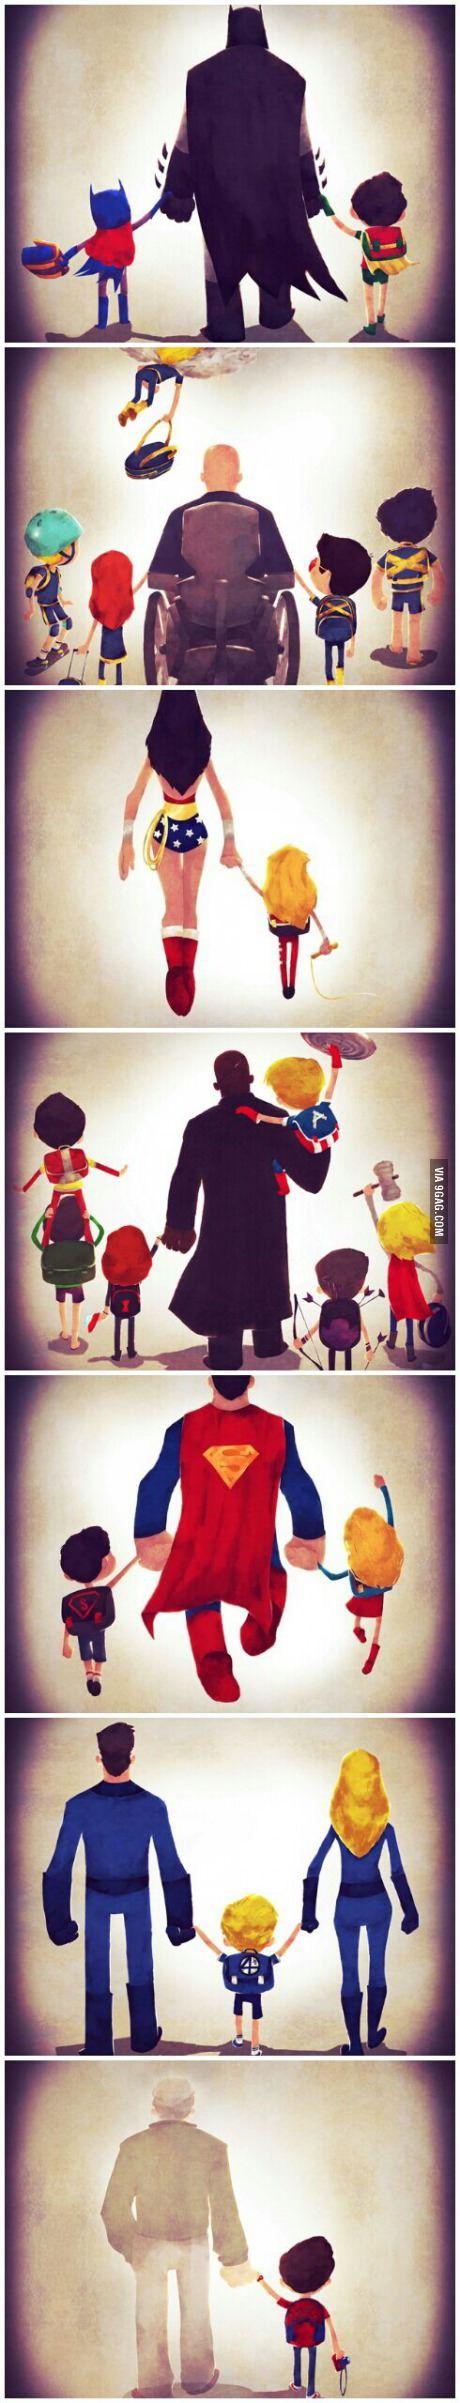 Super hero family time - 9GAG